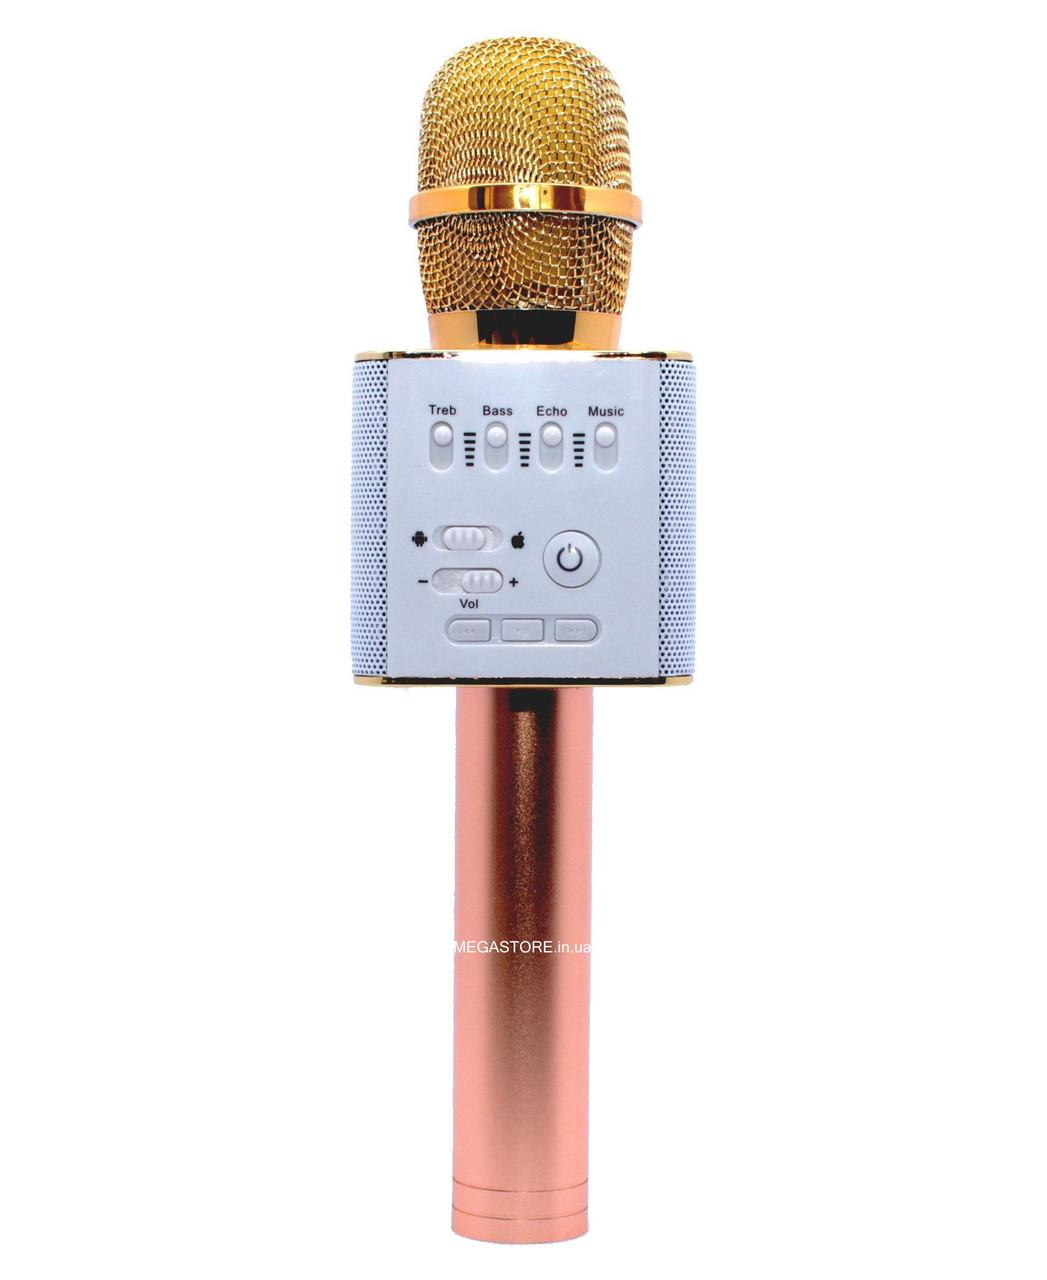 Беспроводной караоке Bluetooth микрофон с колонкой Q9